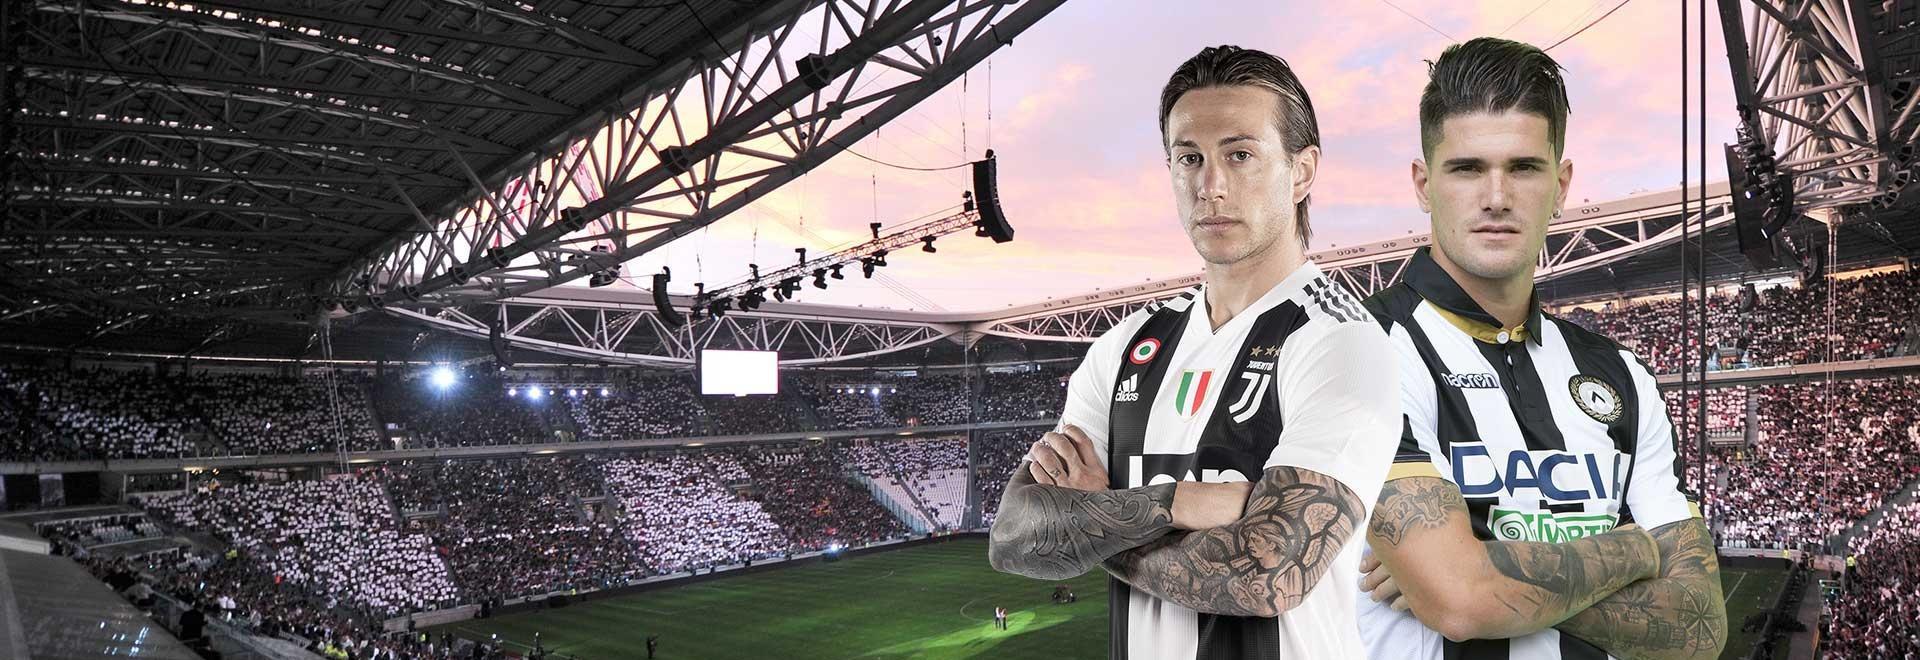 Juventus - Udinese. 27a g.